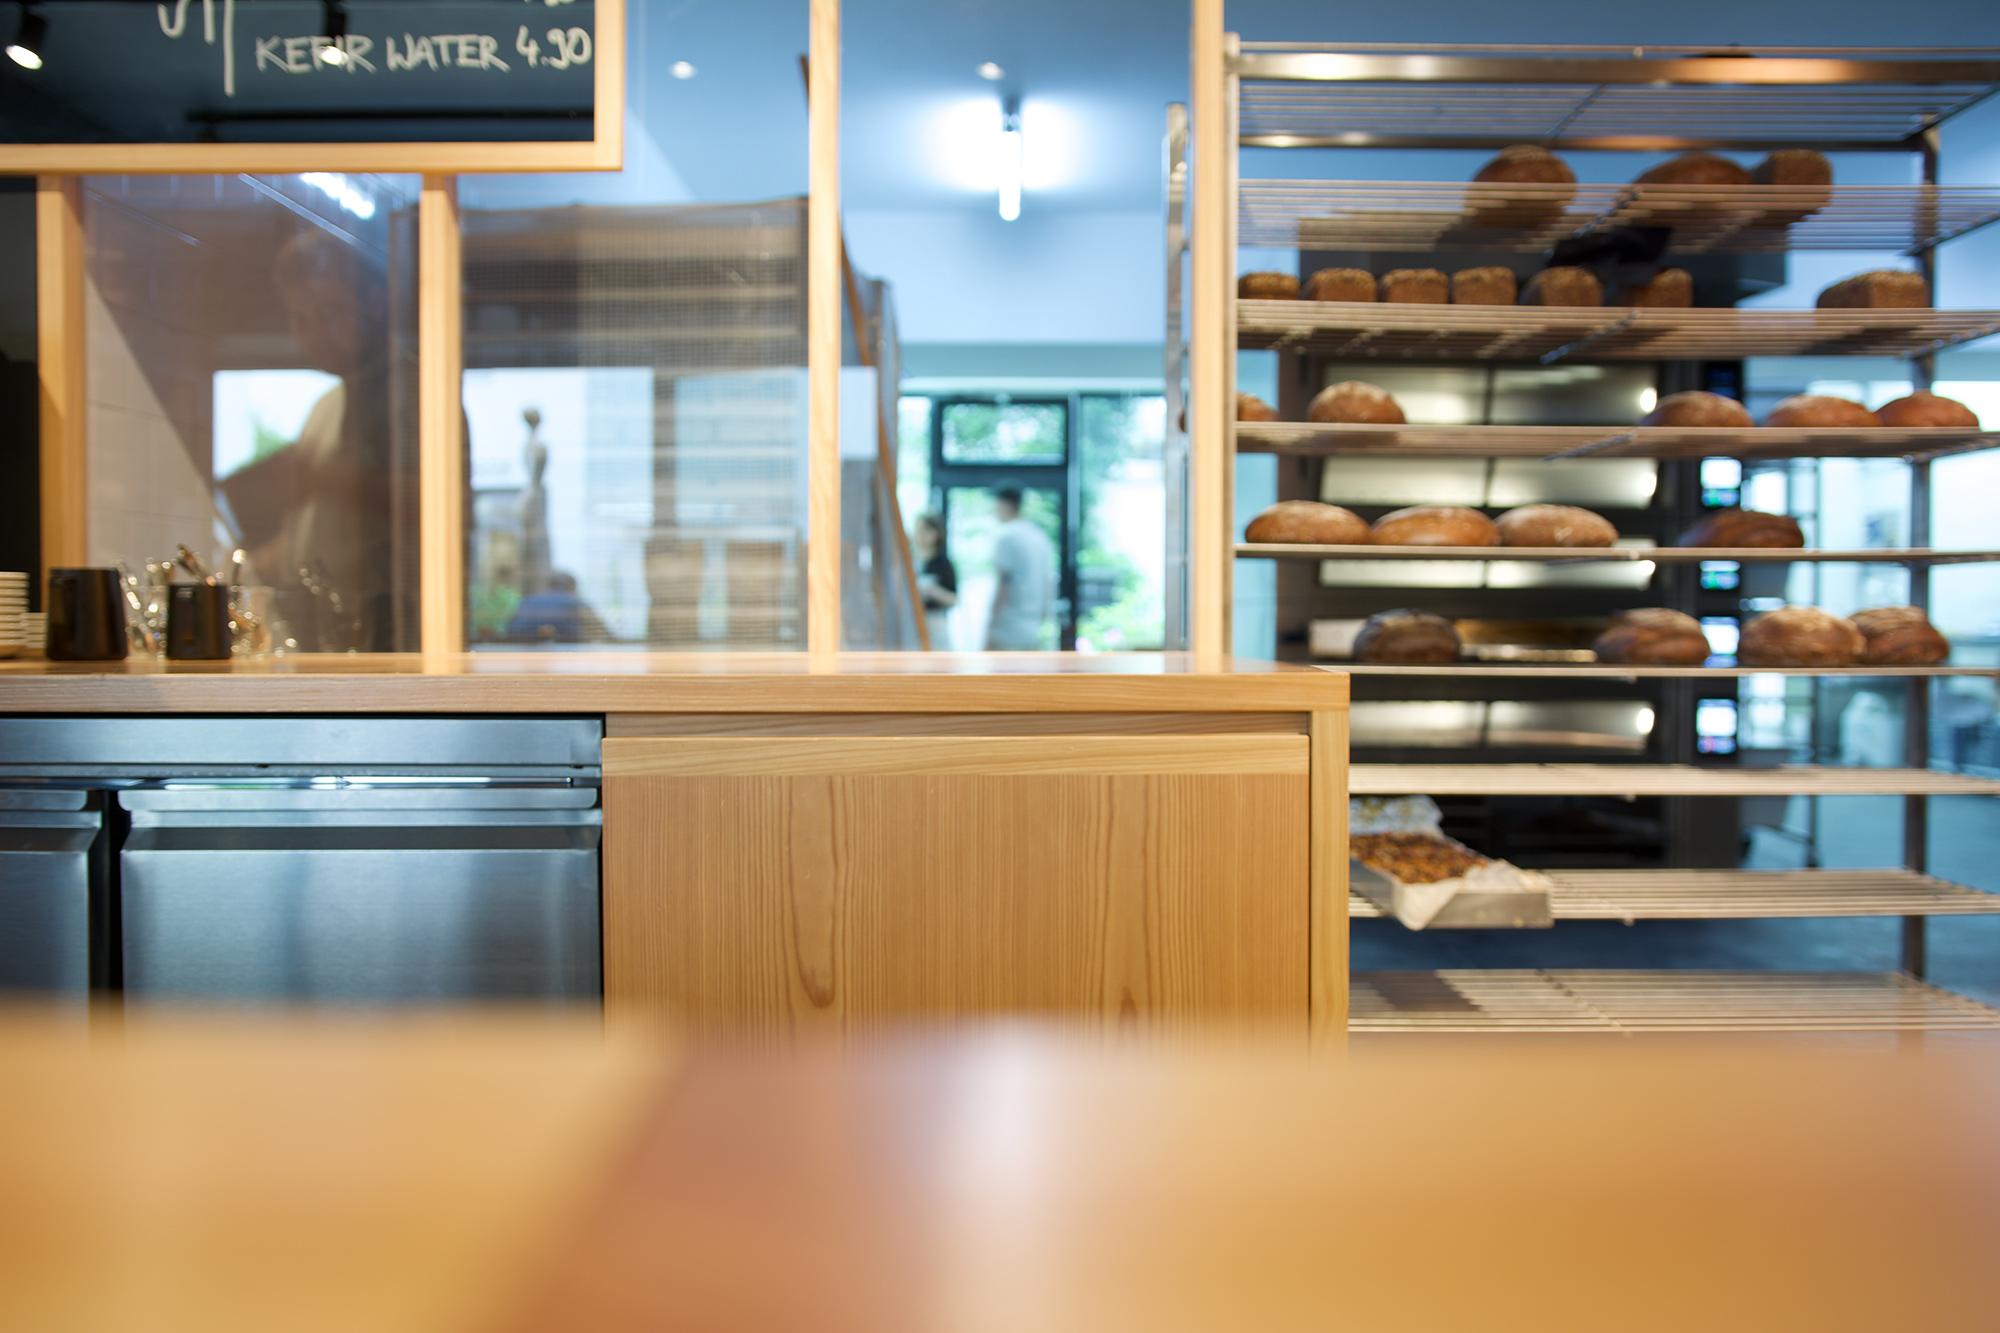 Bäckerei Aera in Berlin Charlottenbirg